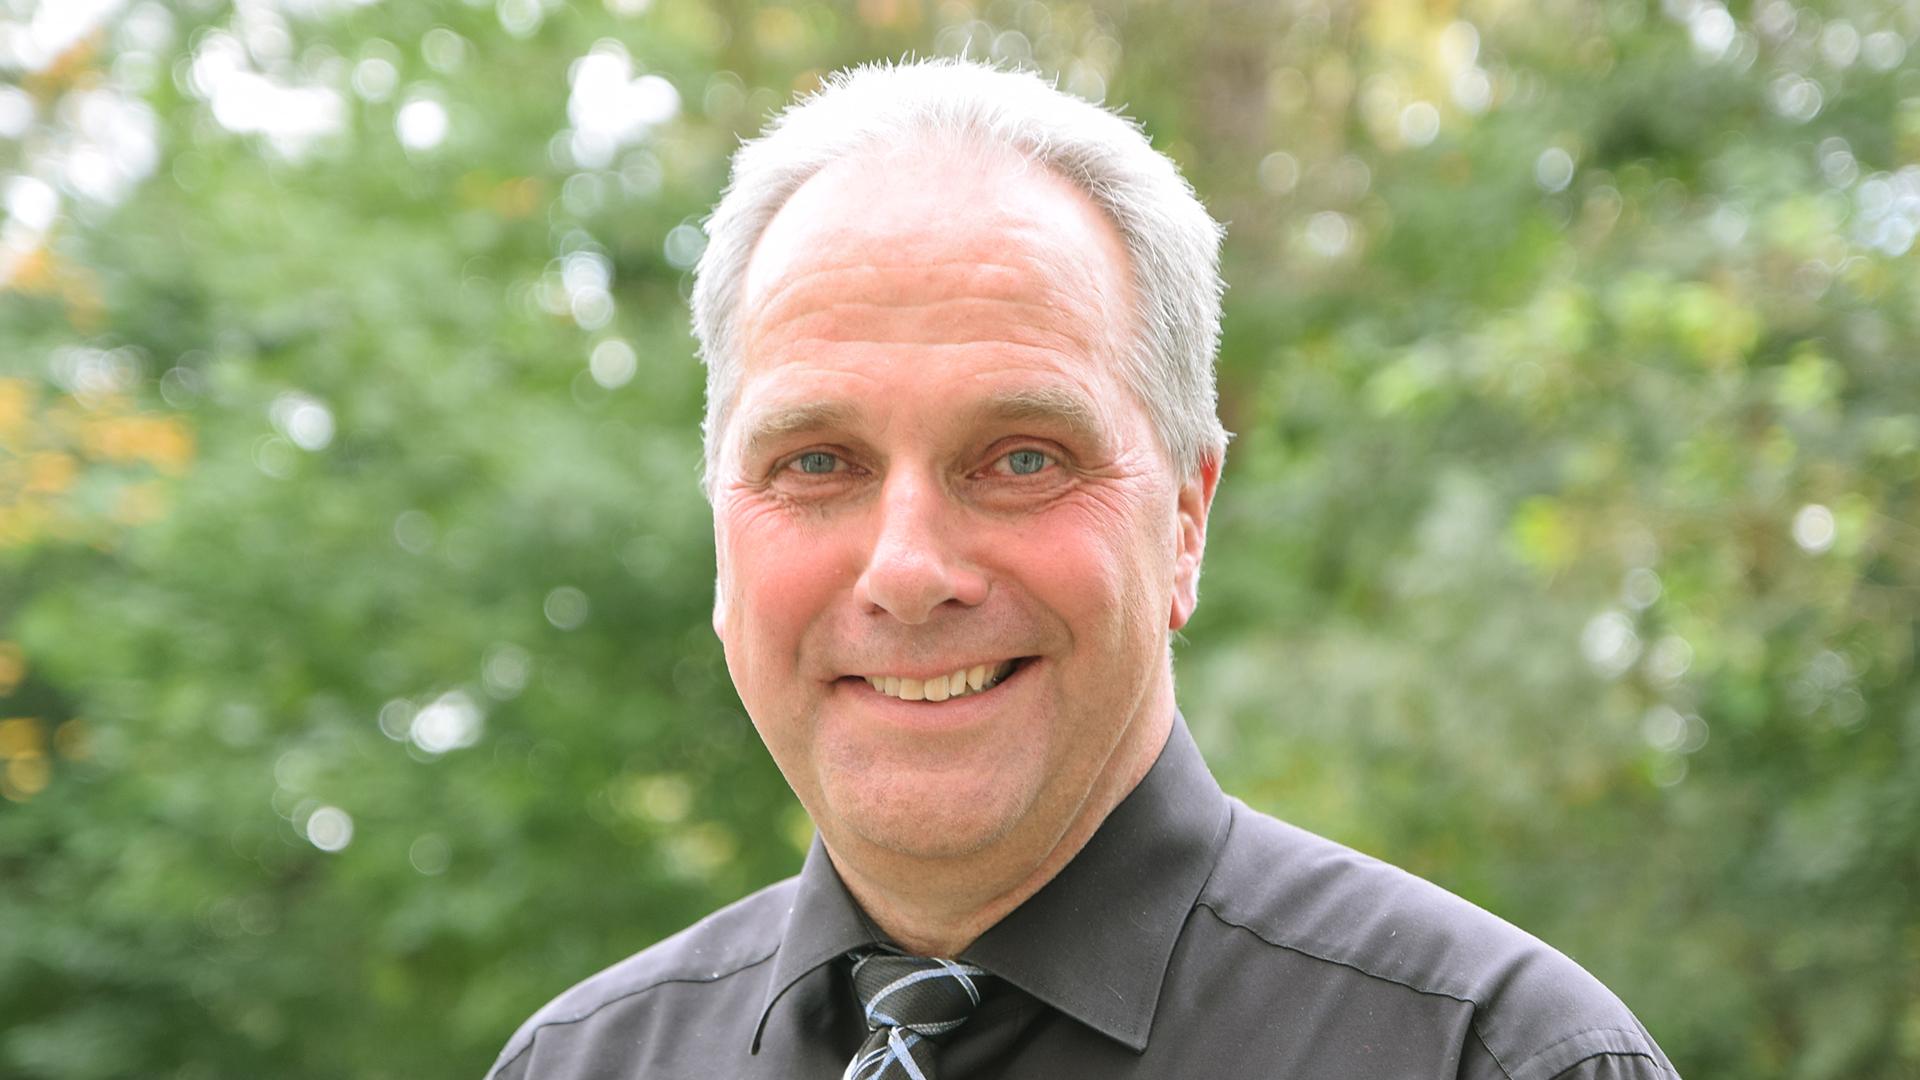 Michael Diener ist enttäuscht von der Reichweite des Reformationsjubiläums, aber dennoch überzeugt davon, dass es die Menschen bewegt hat